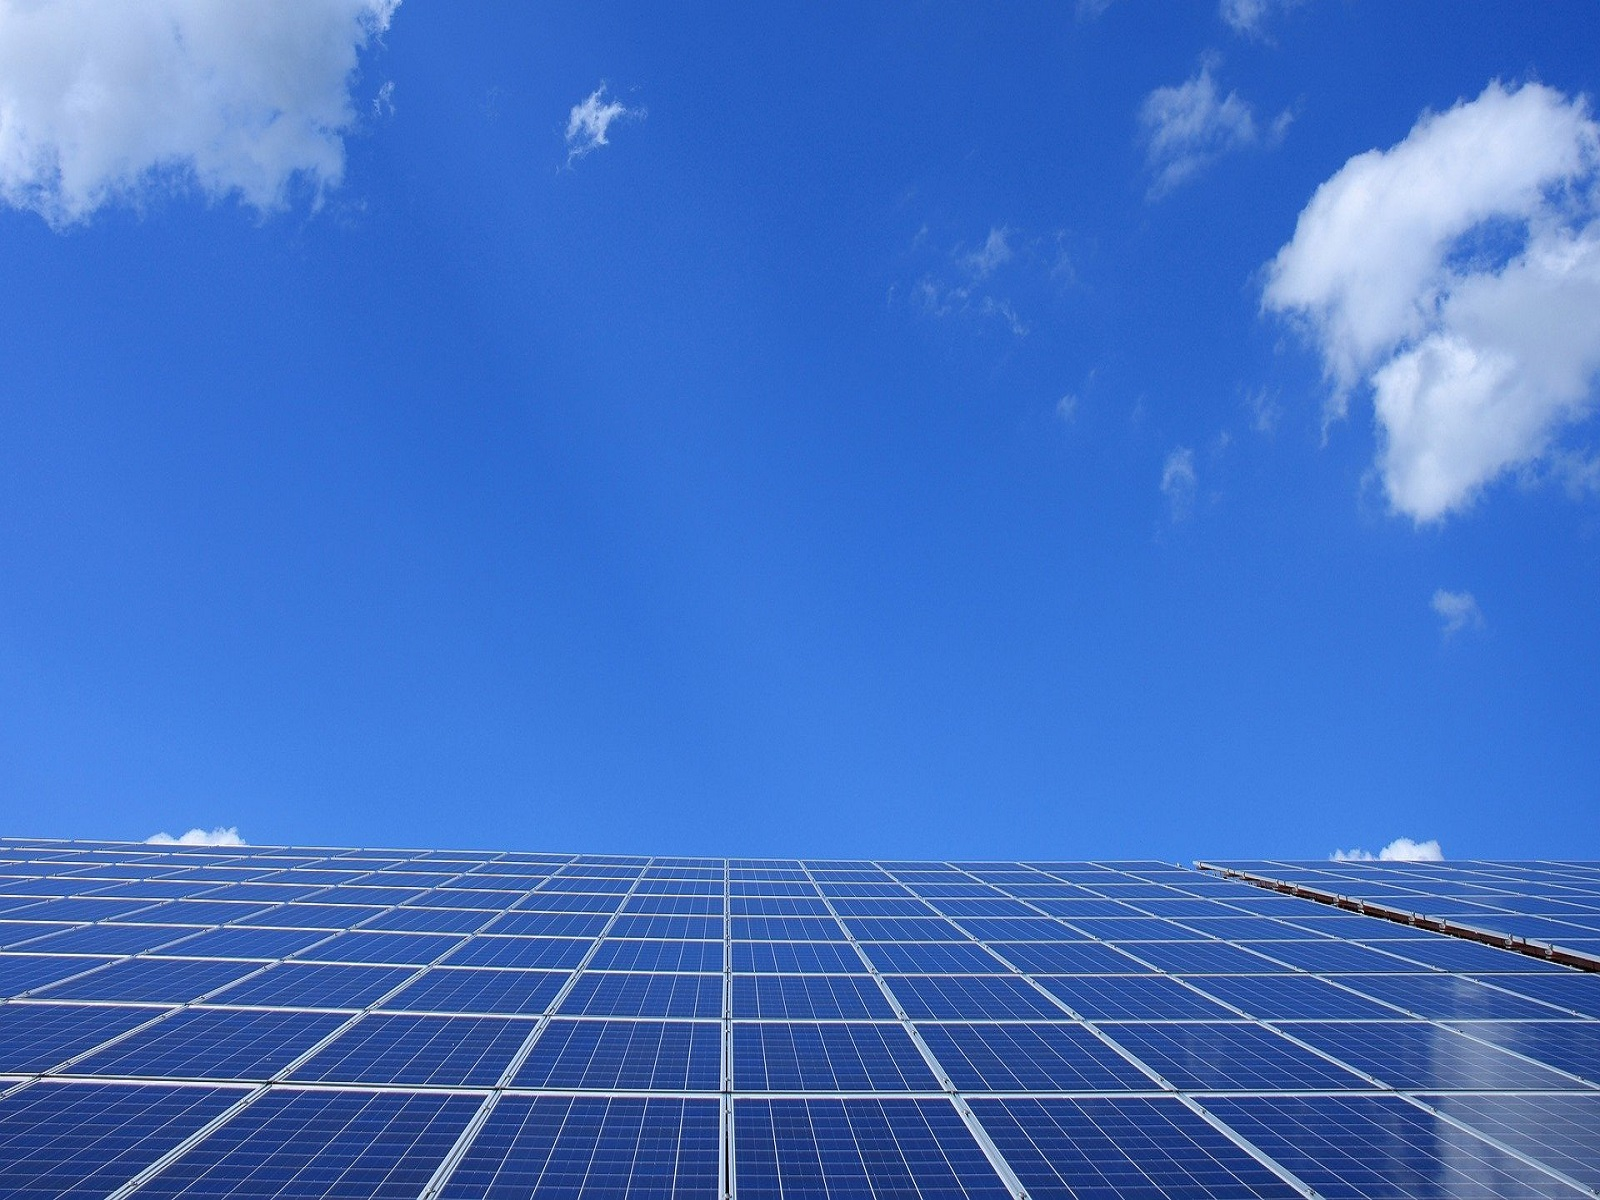 zonne-energie-quickscan-duurzaamheid-greenport-duin-en-bollenstreek